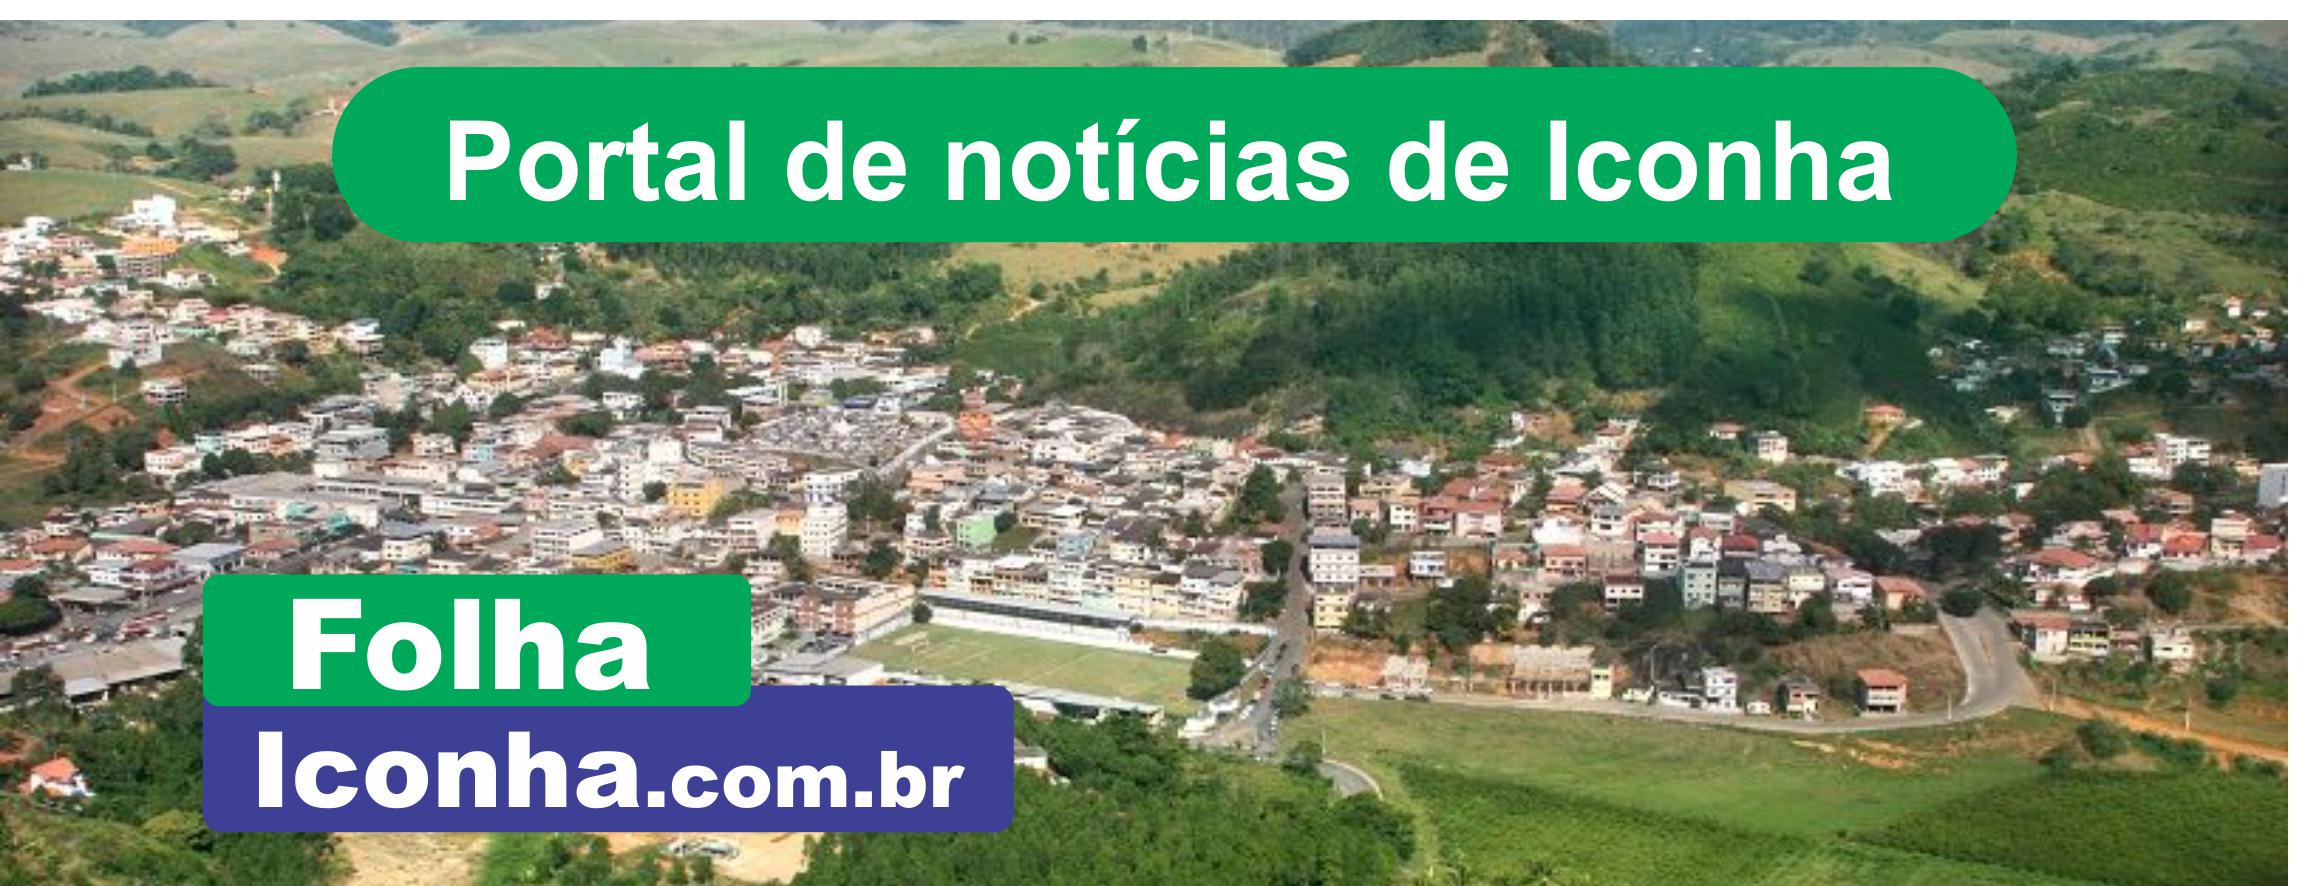 Portal de Notícias de Iconha